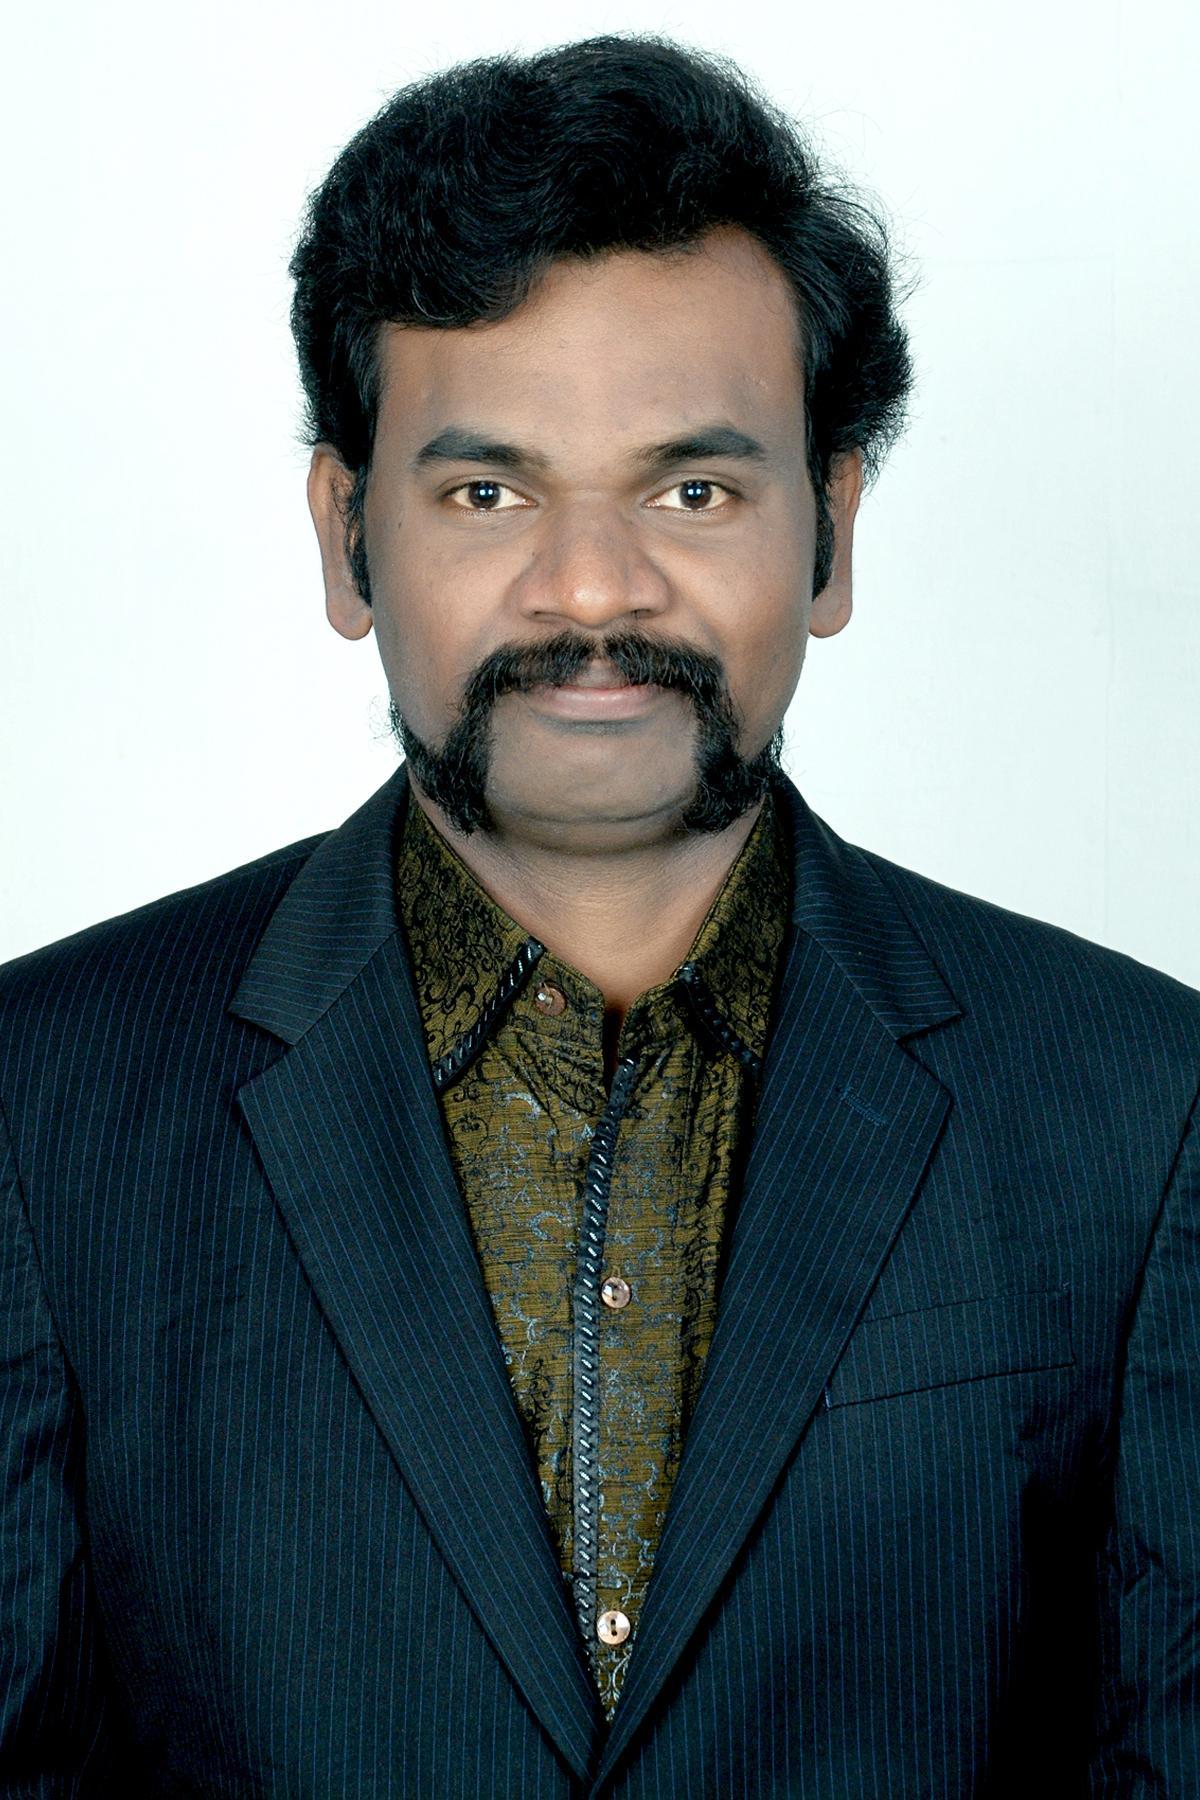 வழக்கறிஞர் சாமி